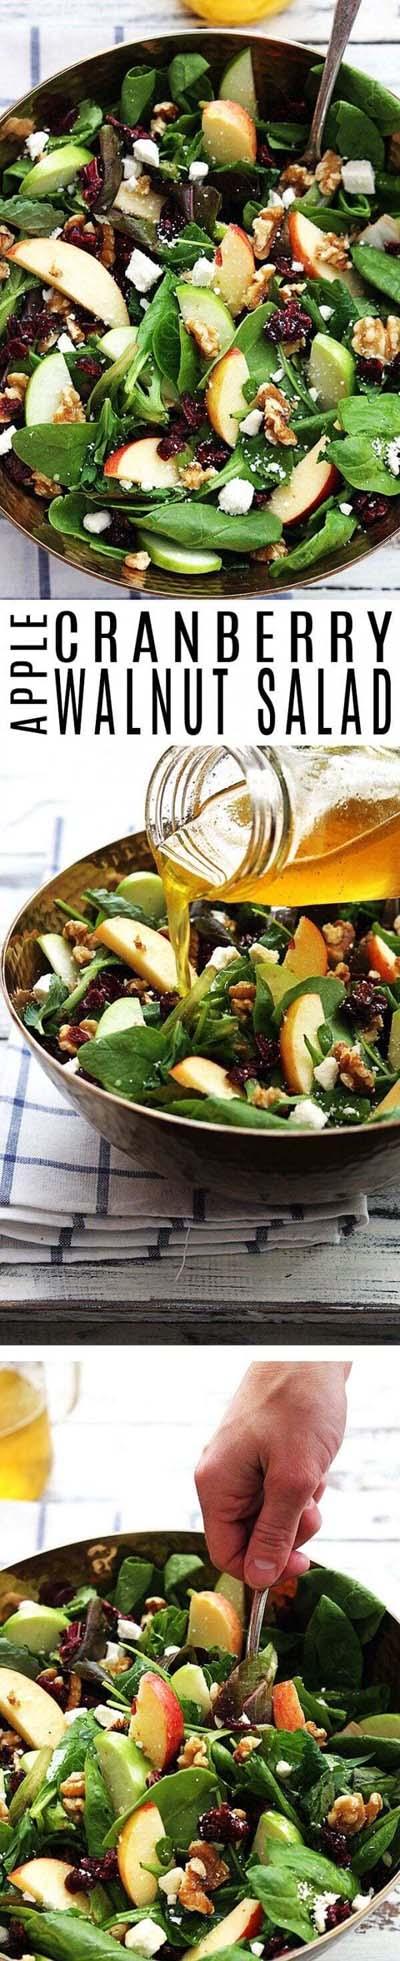 Healthy salad recipes: Apple Cranberry Walnut Salad